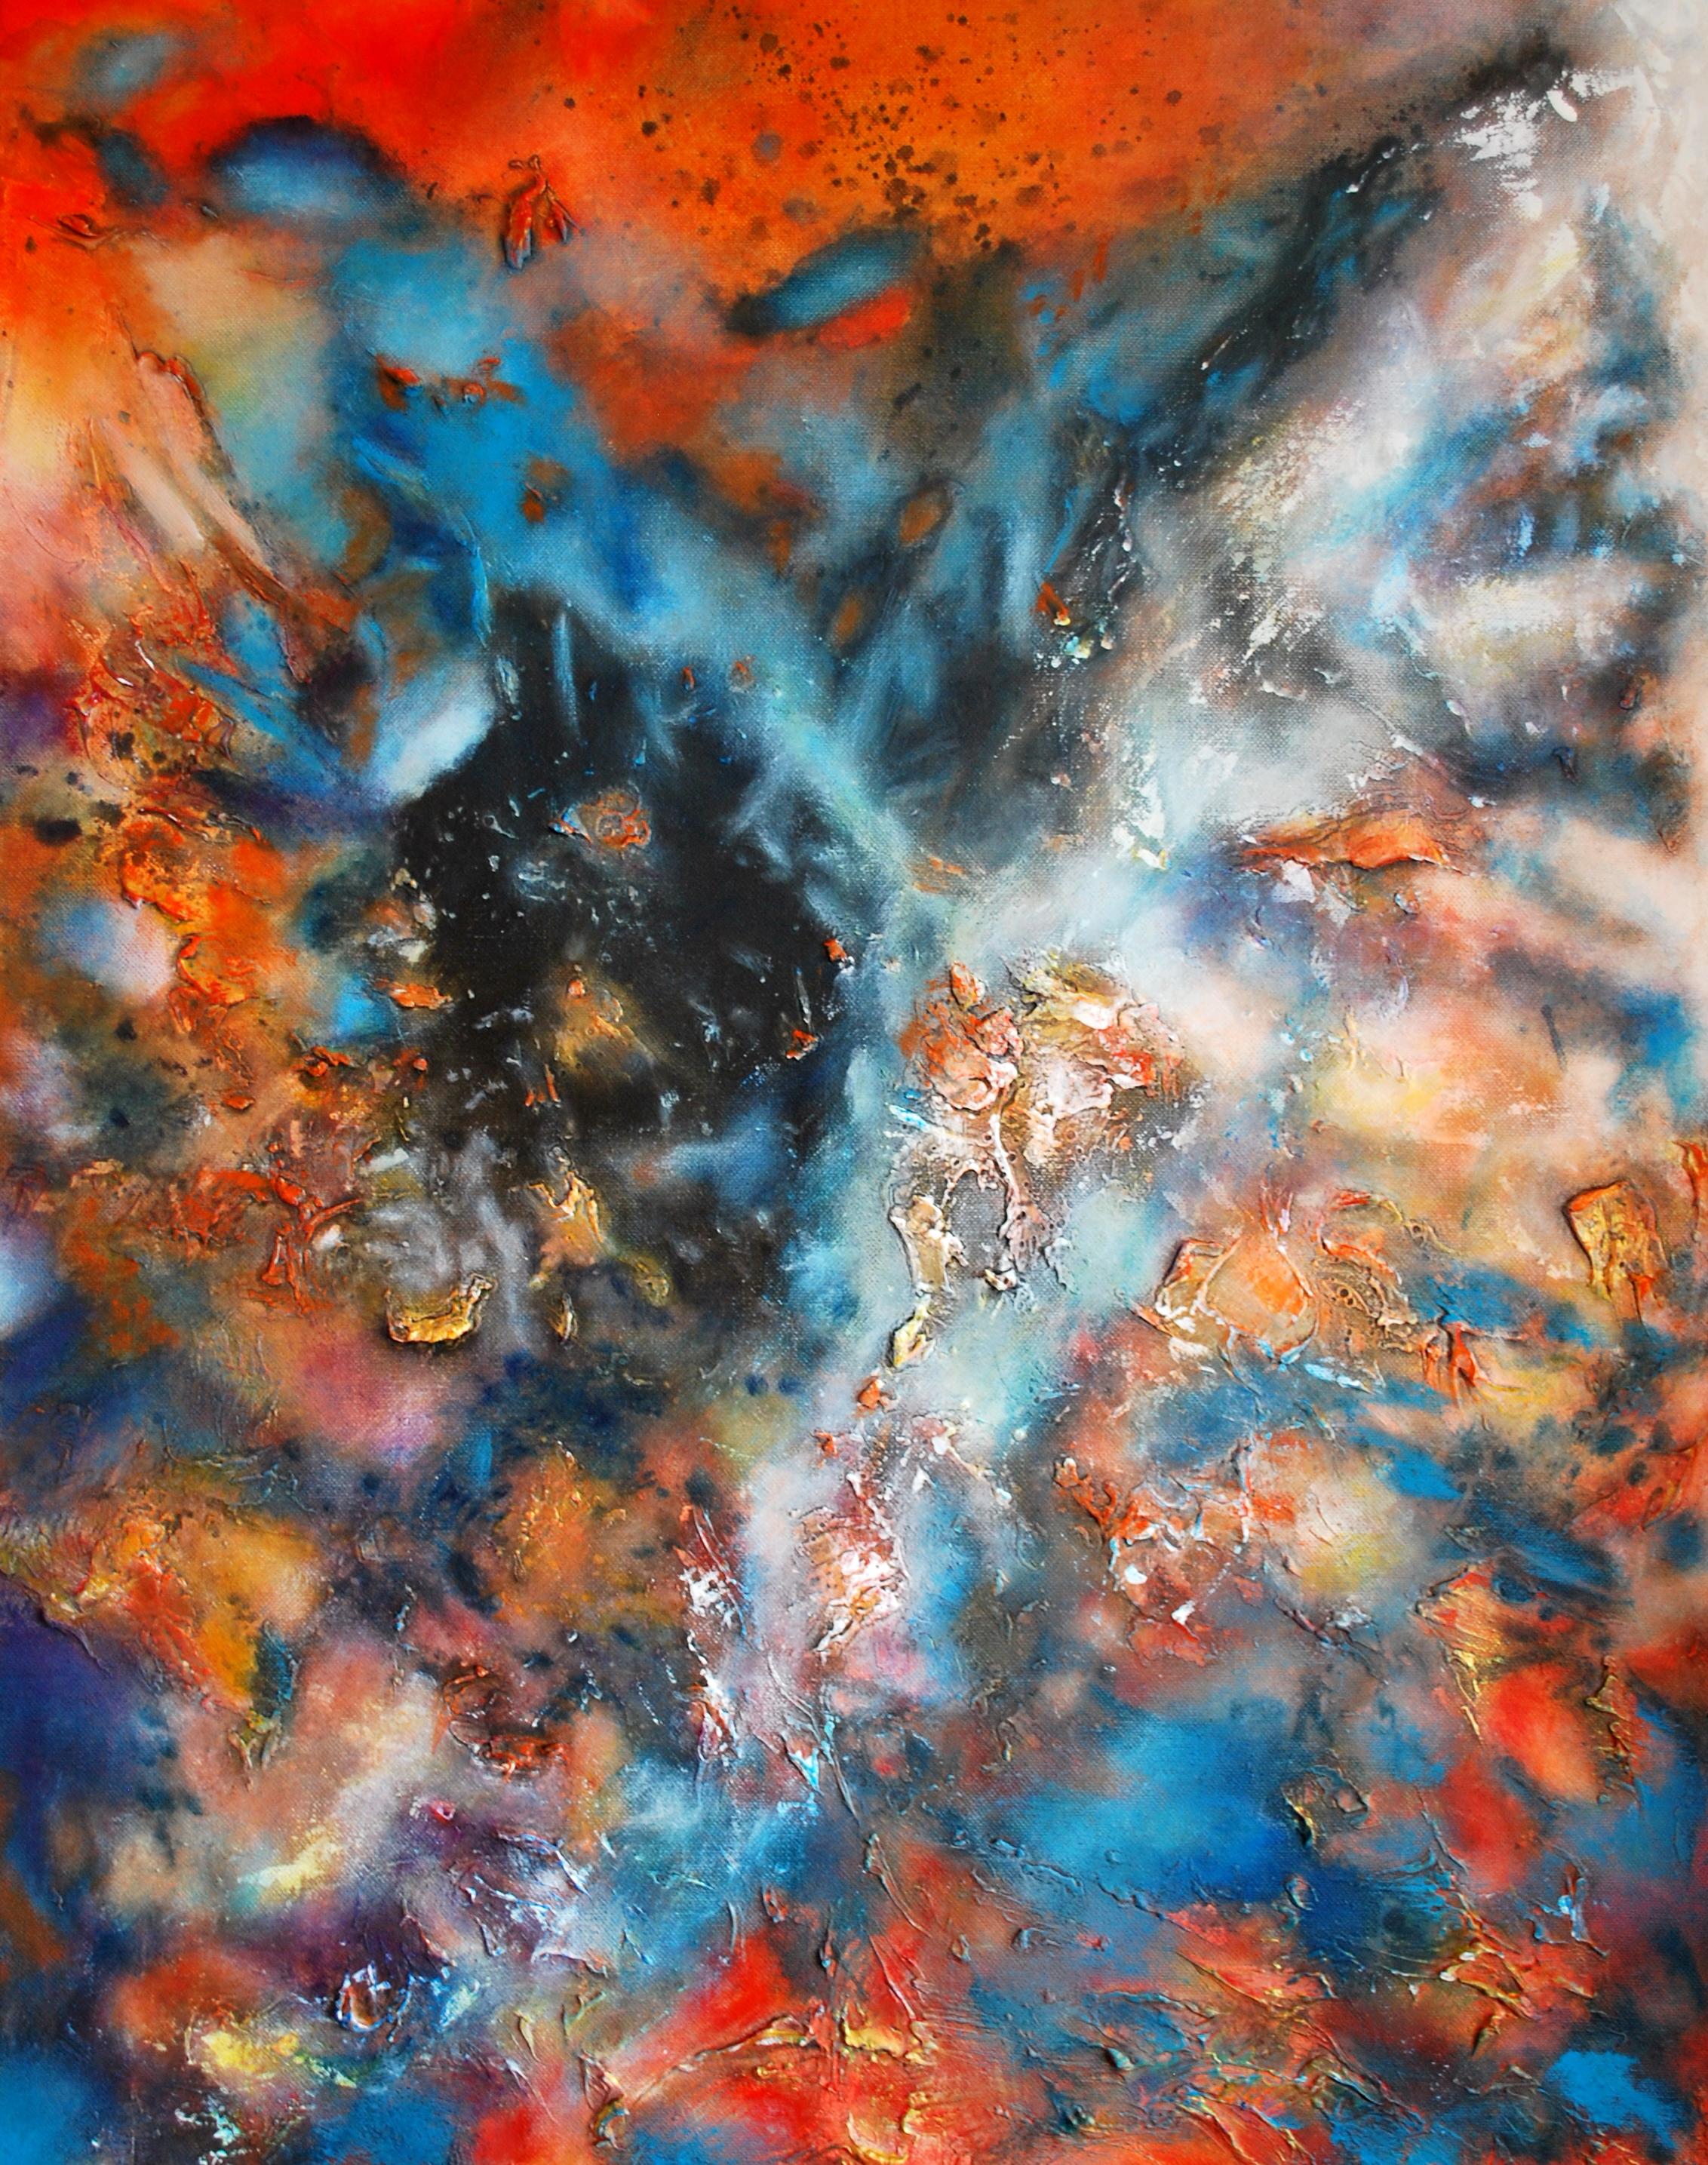 Universo oculto 56 x 71 cm